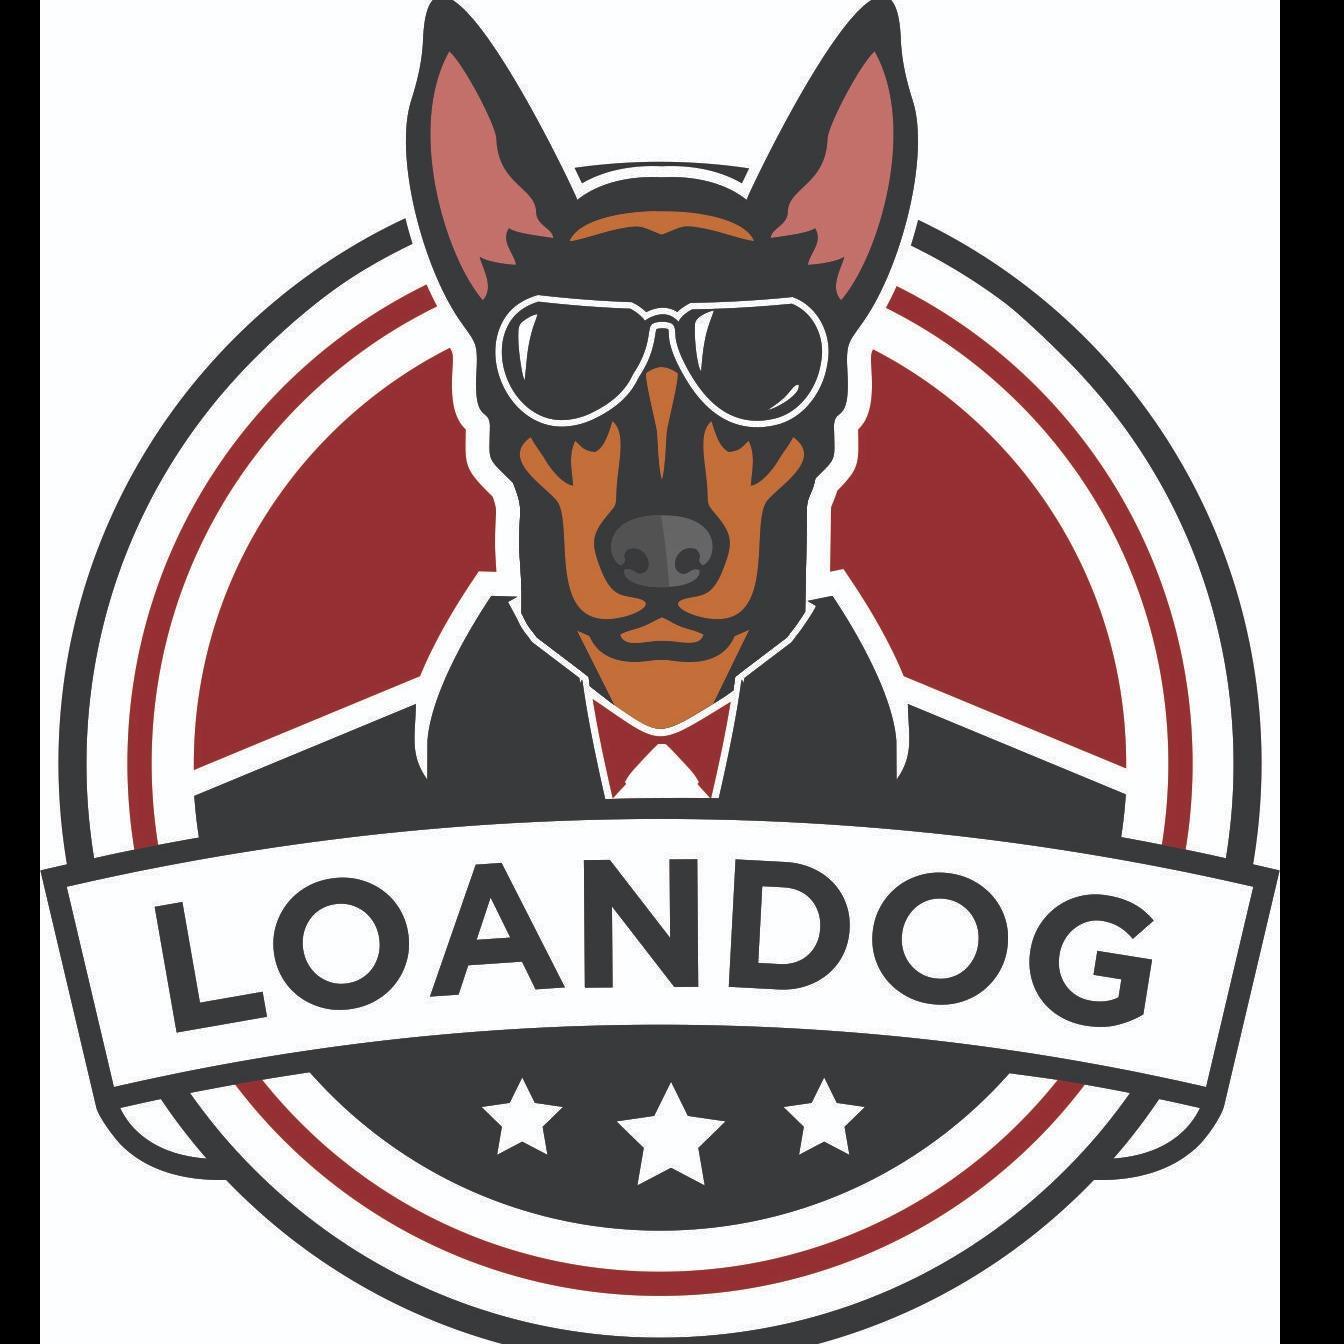 Loan Dog